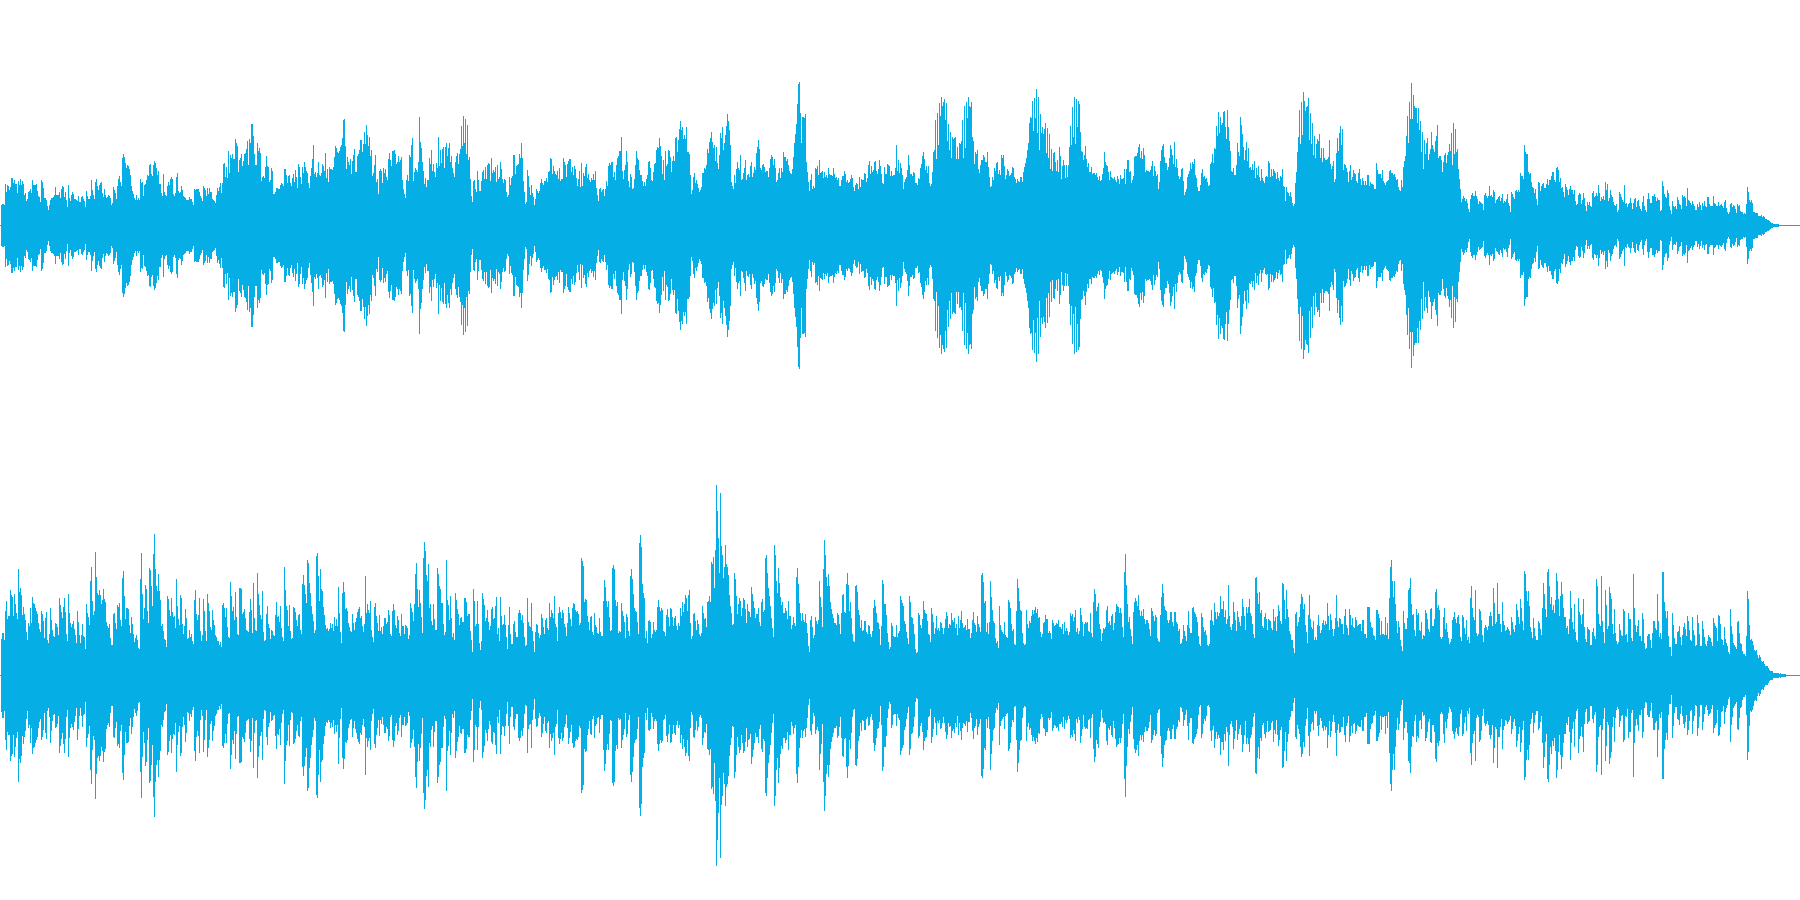 アベマリア ピアノとバイオリンのアレンジの再生済みの波形